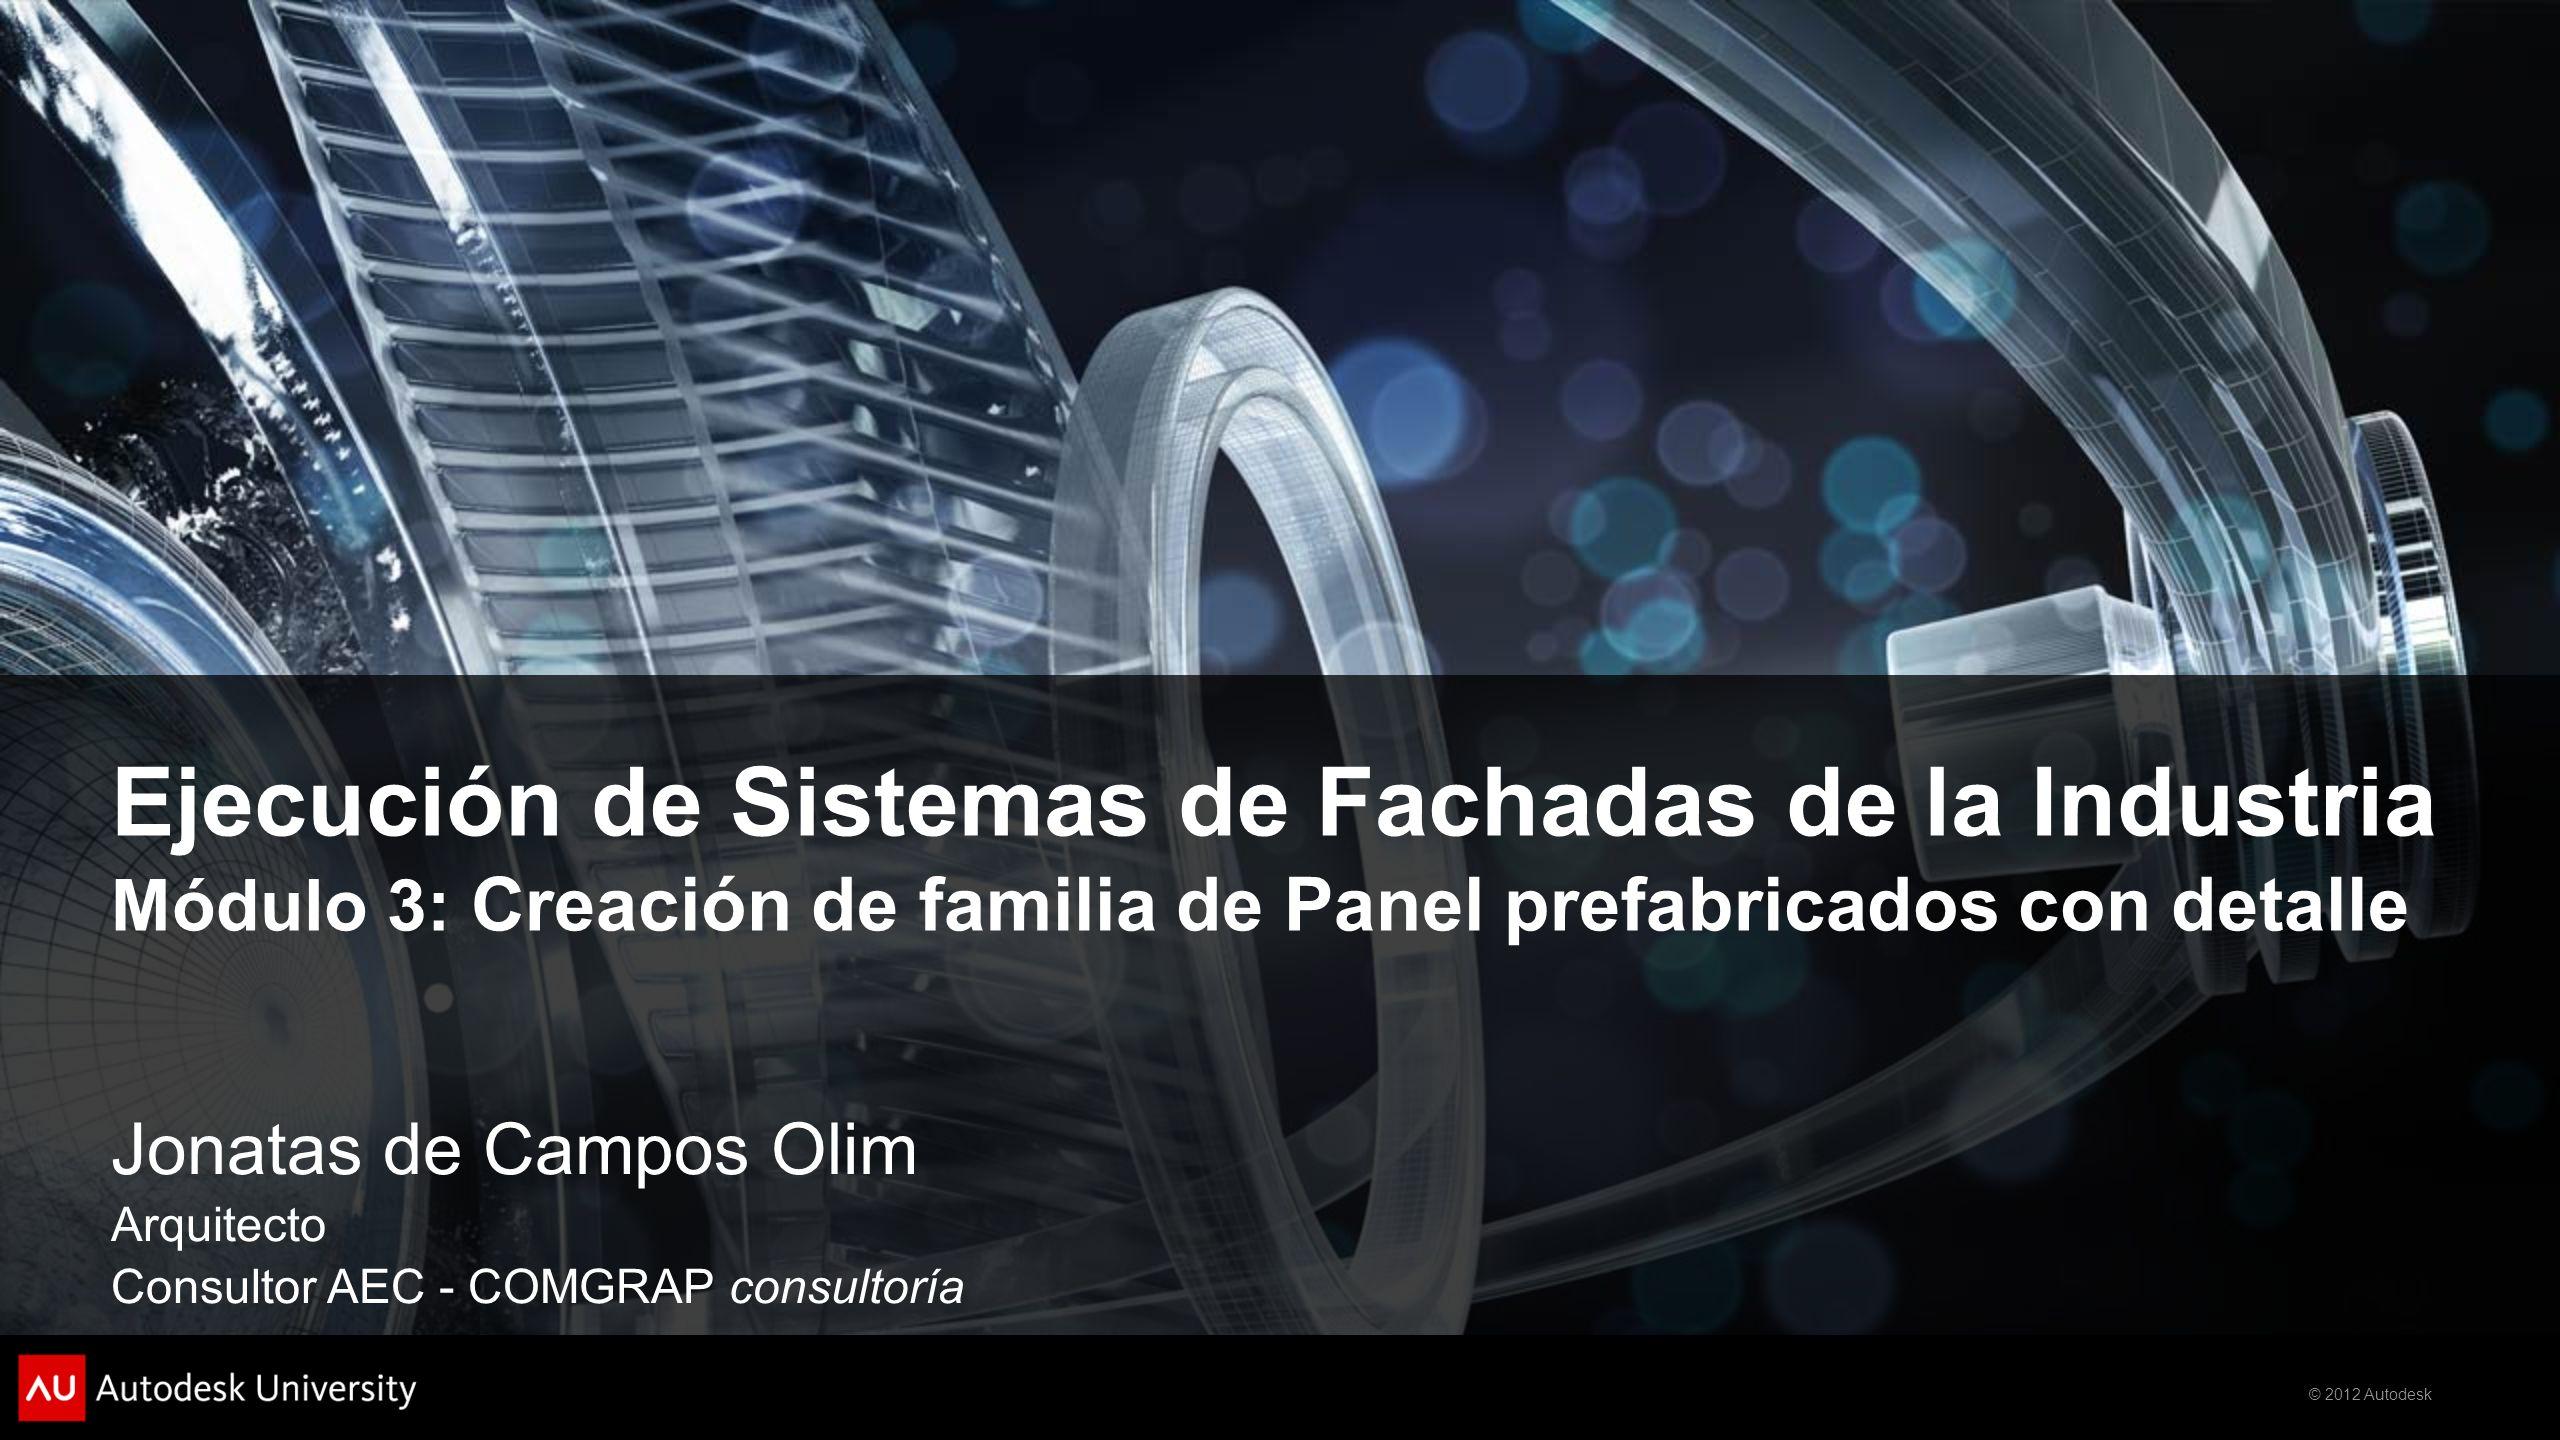 Ejecución de Sistemas de Fachadas de la Industria Módulo 3: Creación de familia de Panel prefabricados con detalle